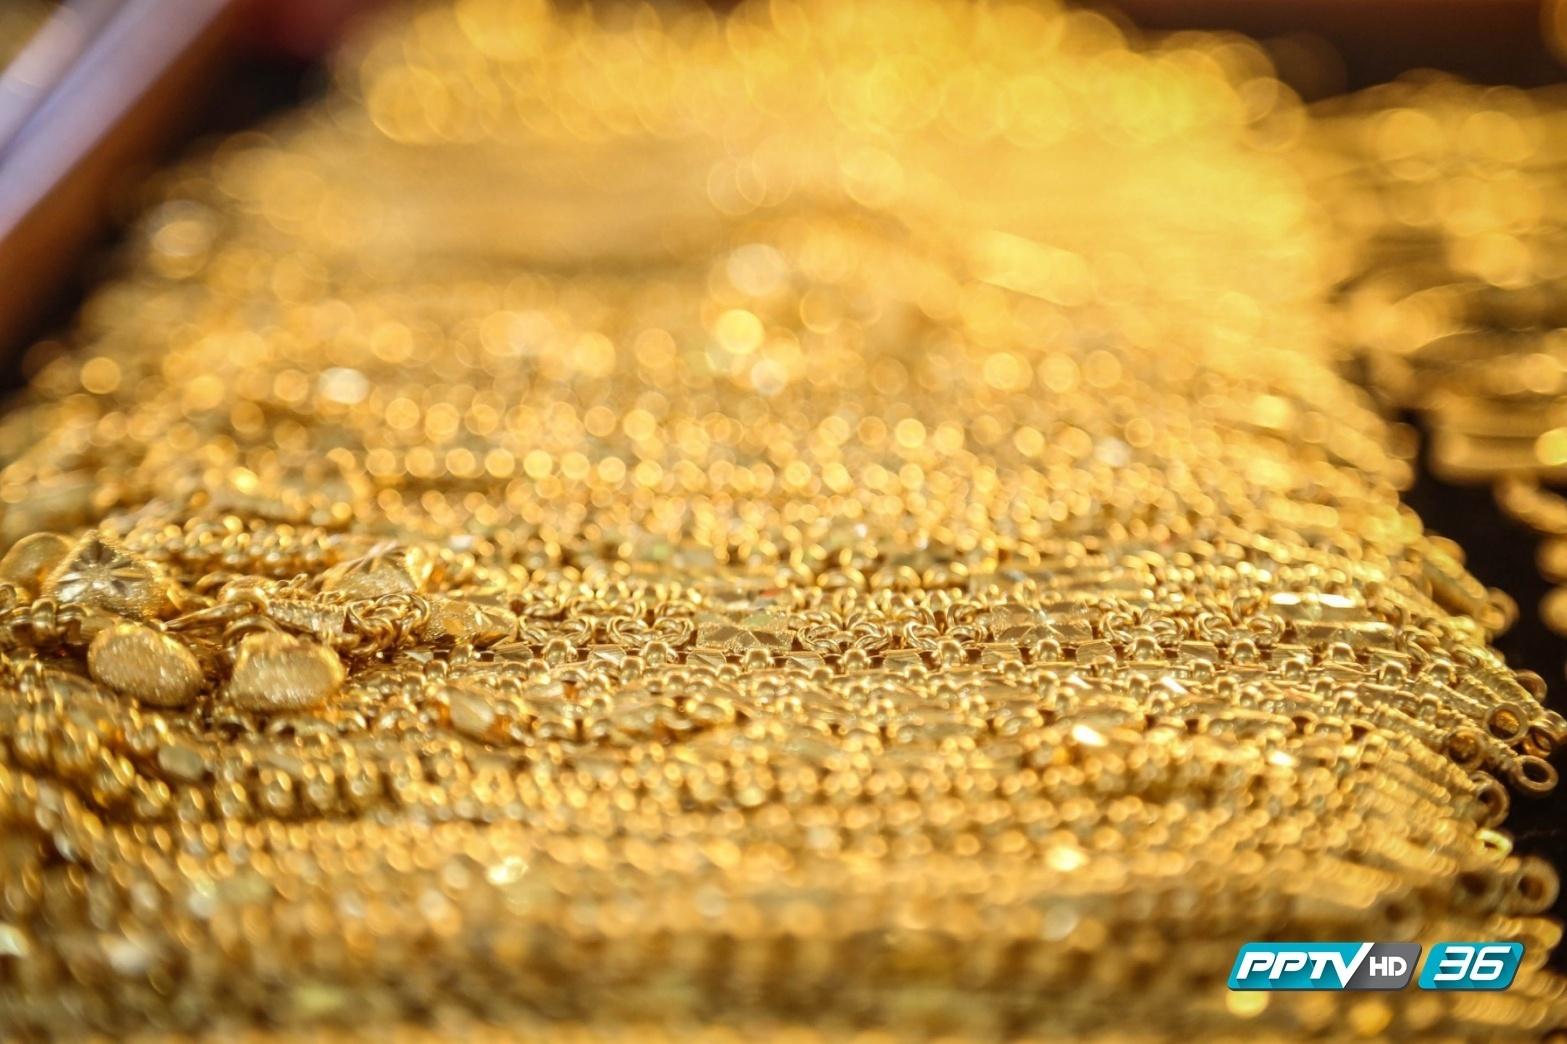 ราคาทองคำ 5 ต.ค. 59 เปิดตลาดลดฮวบ 550 บาท